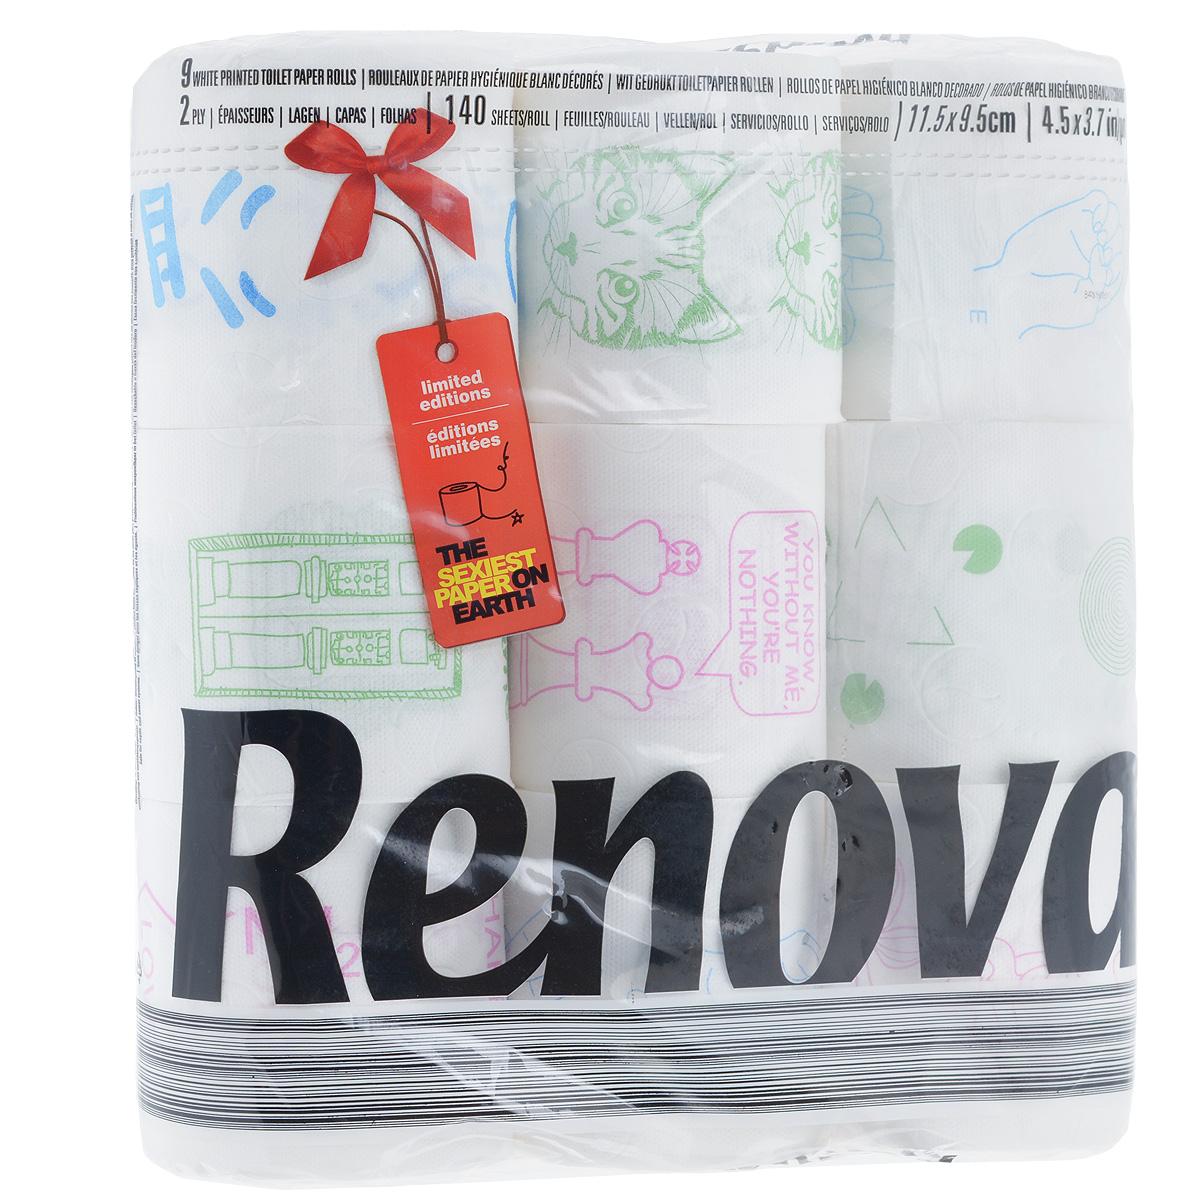 Туалетная бумага Renova Design, двухслойная, цвет: белый, 9 рулонов200063133Туалетная бумага Renova Design изготовлена по новейшей технологии из 100% целлюлозы, благодаря чему она очень мягкая, нежная, но в тоже время прочная. Перфорация надежно скрепляет слои бумаги. Туалетная бумага Renova Design сочетает в себе простоту и оригинальность. На каждом листе туалетной бумаге разное цветное изображение. Состав: 100% целлюлоза. Количество листов: 140 шт. Количество слоев: 2. Размер листа: 11,5 см х 9,5 см. Количество рулонов: 9 шт. Португальская компания Renova является ведущим разработчиком новейших технологий производства, нового стиля и направления на рынке гигиенической продукции. Современный дизайн и высочайшее качество, дерматологический контроль - это то, что выделяет компанию Renova среди других производителей бумажной санитарно-гигиенической продукции.